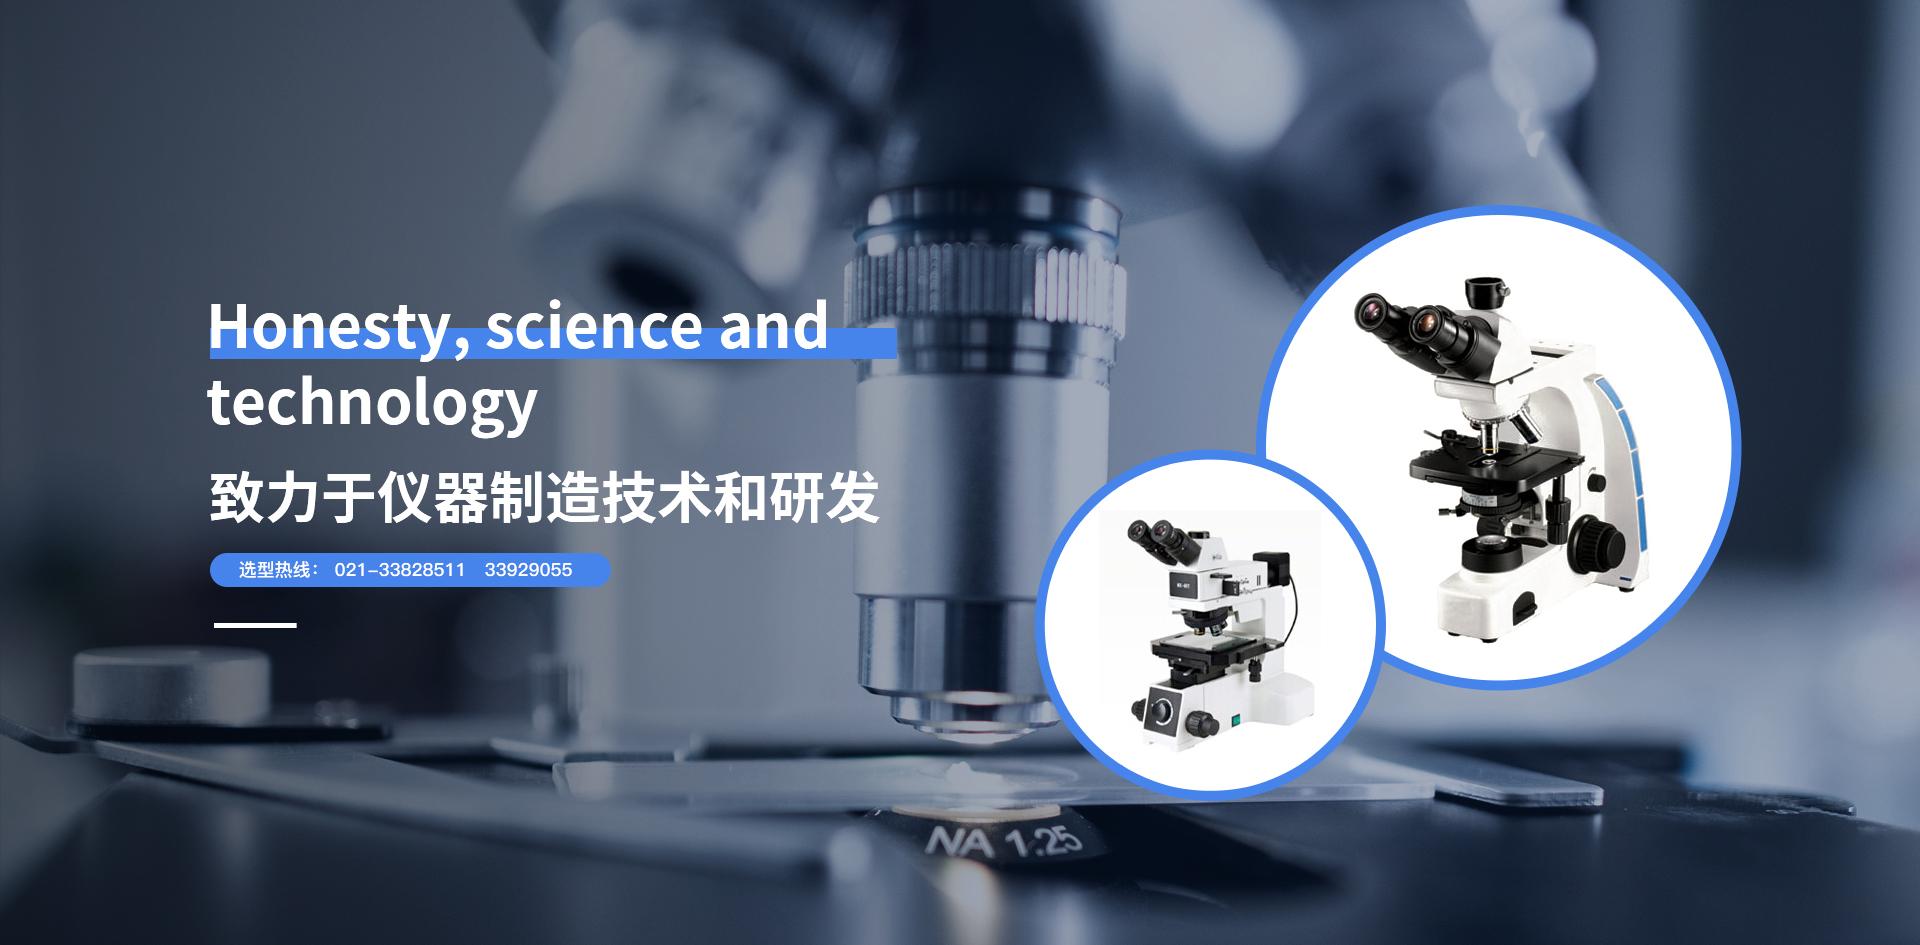 致力于先進的儀器制造技術和研發